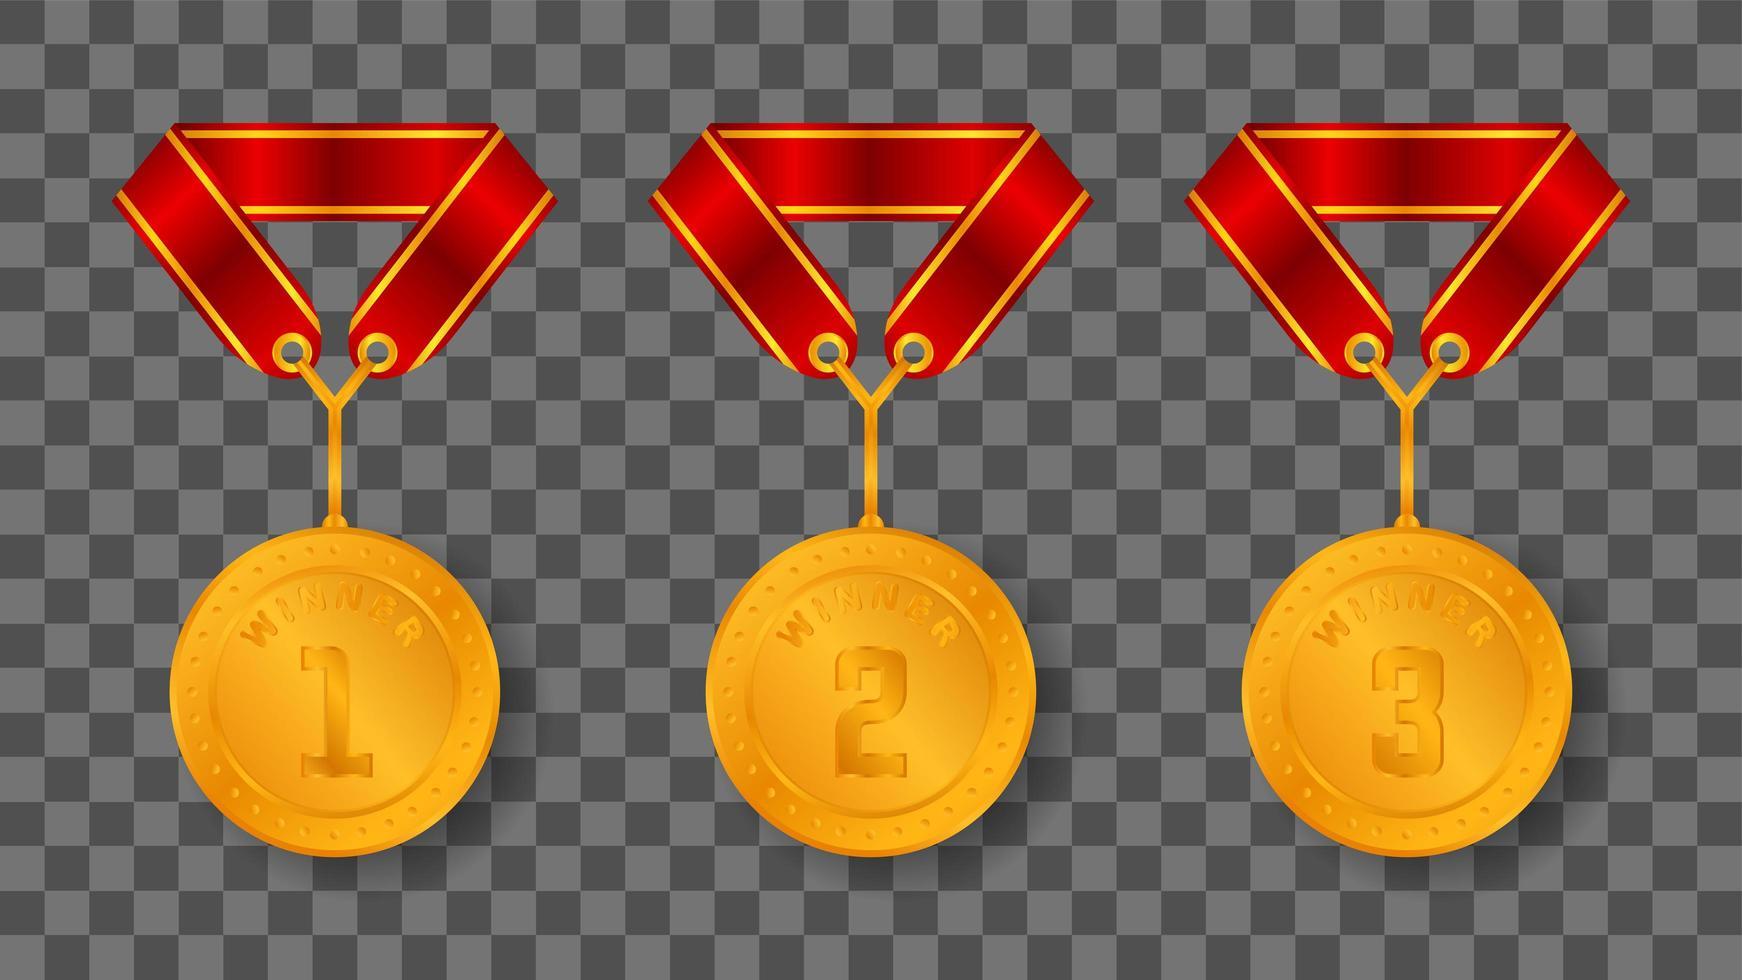 guldmedalj illustration vektor